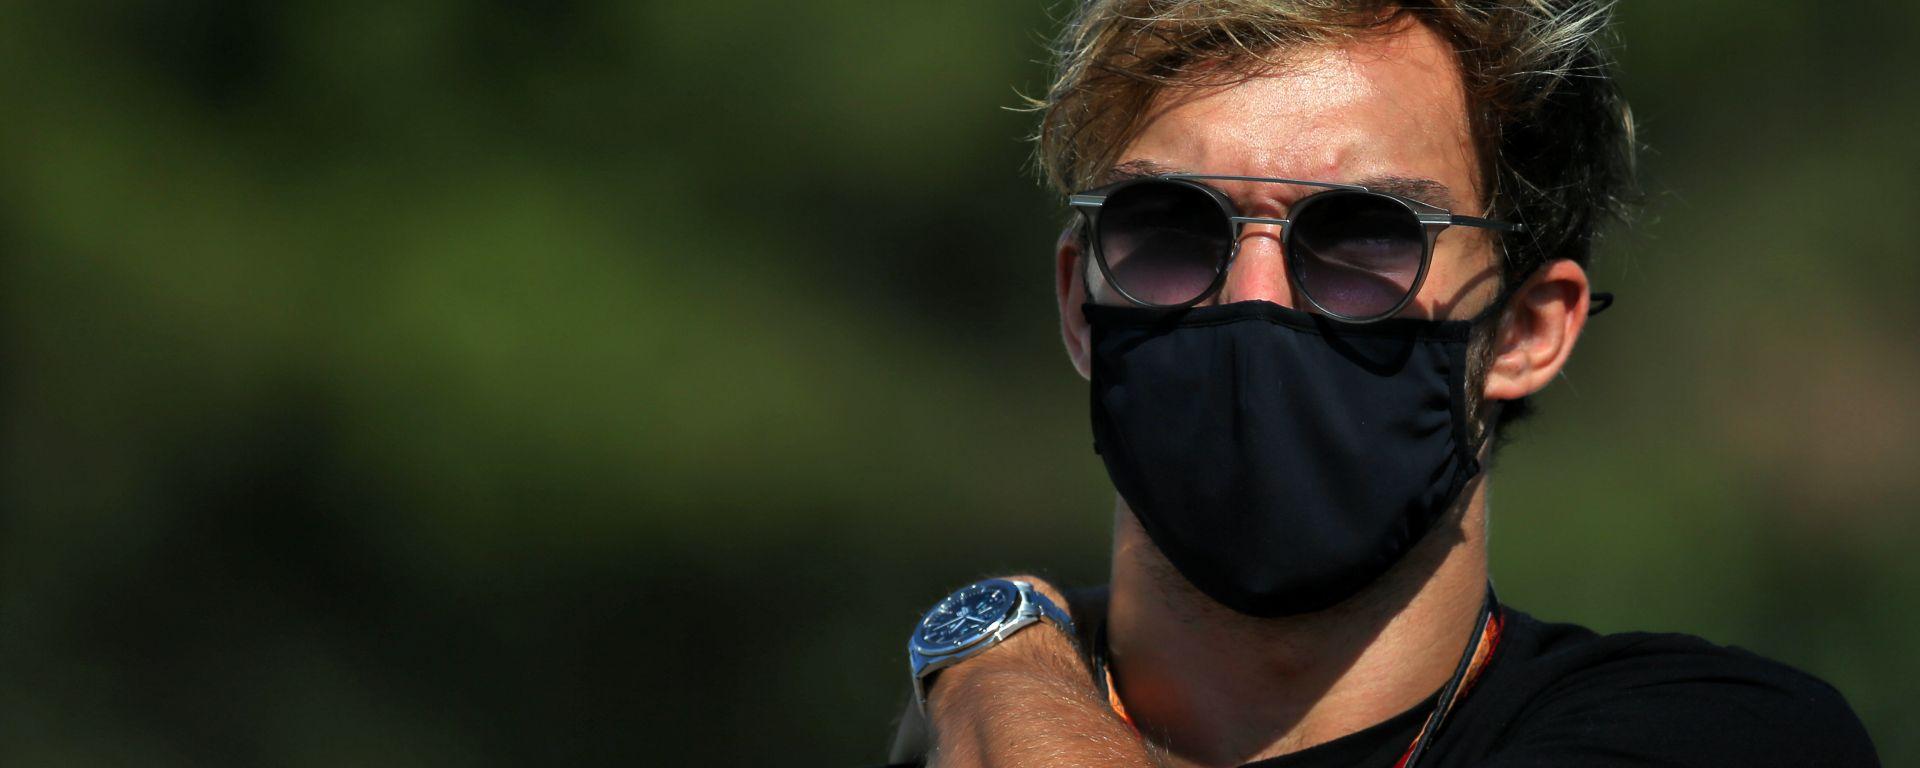 F1 2020: Pierre Gasly (Alpha Tauri)